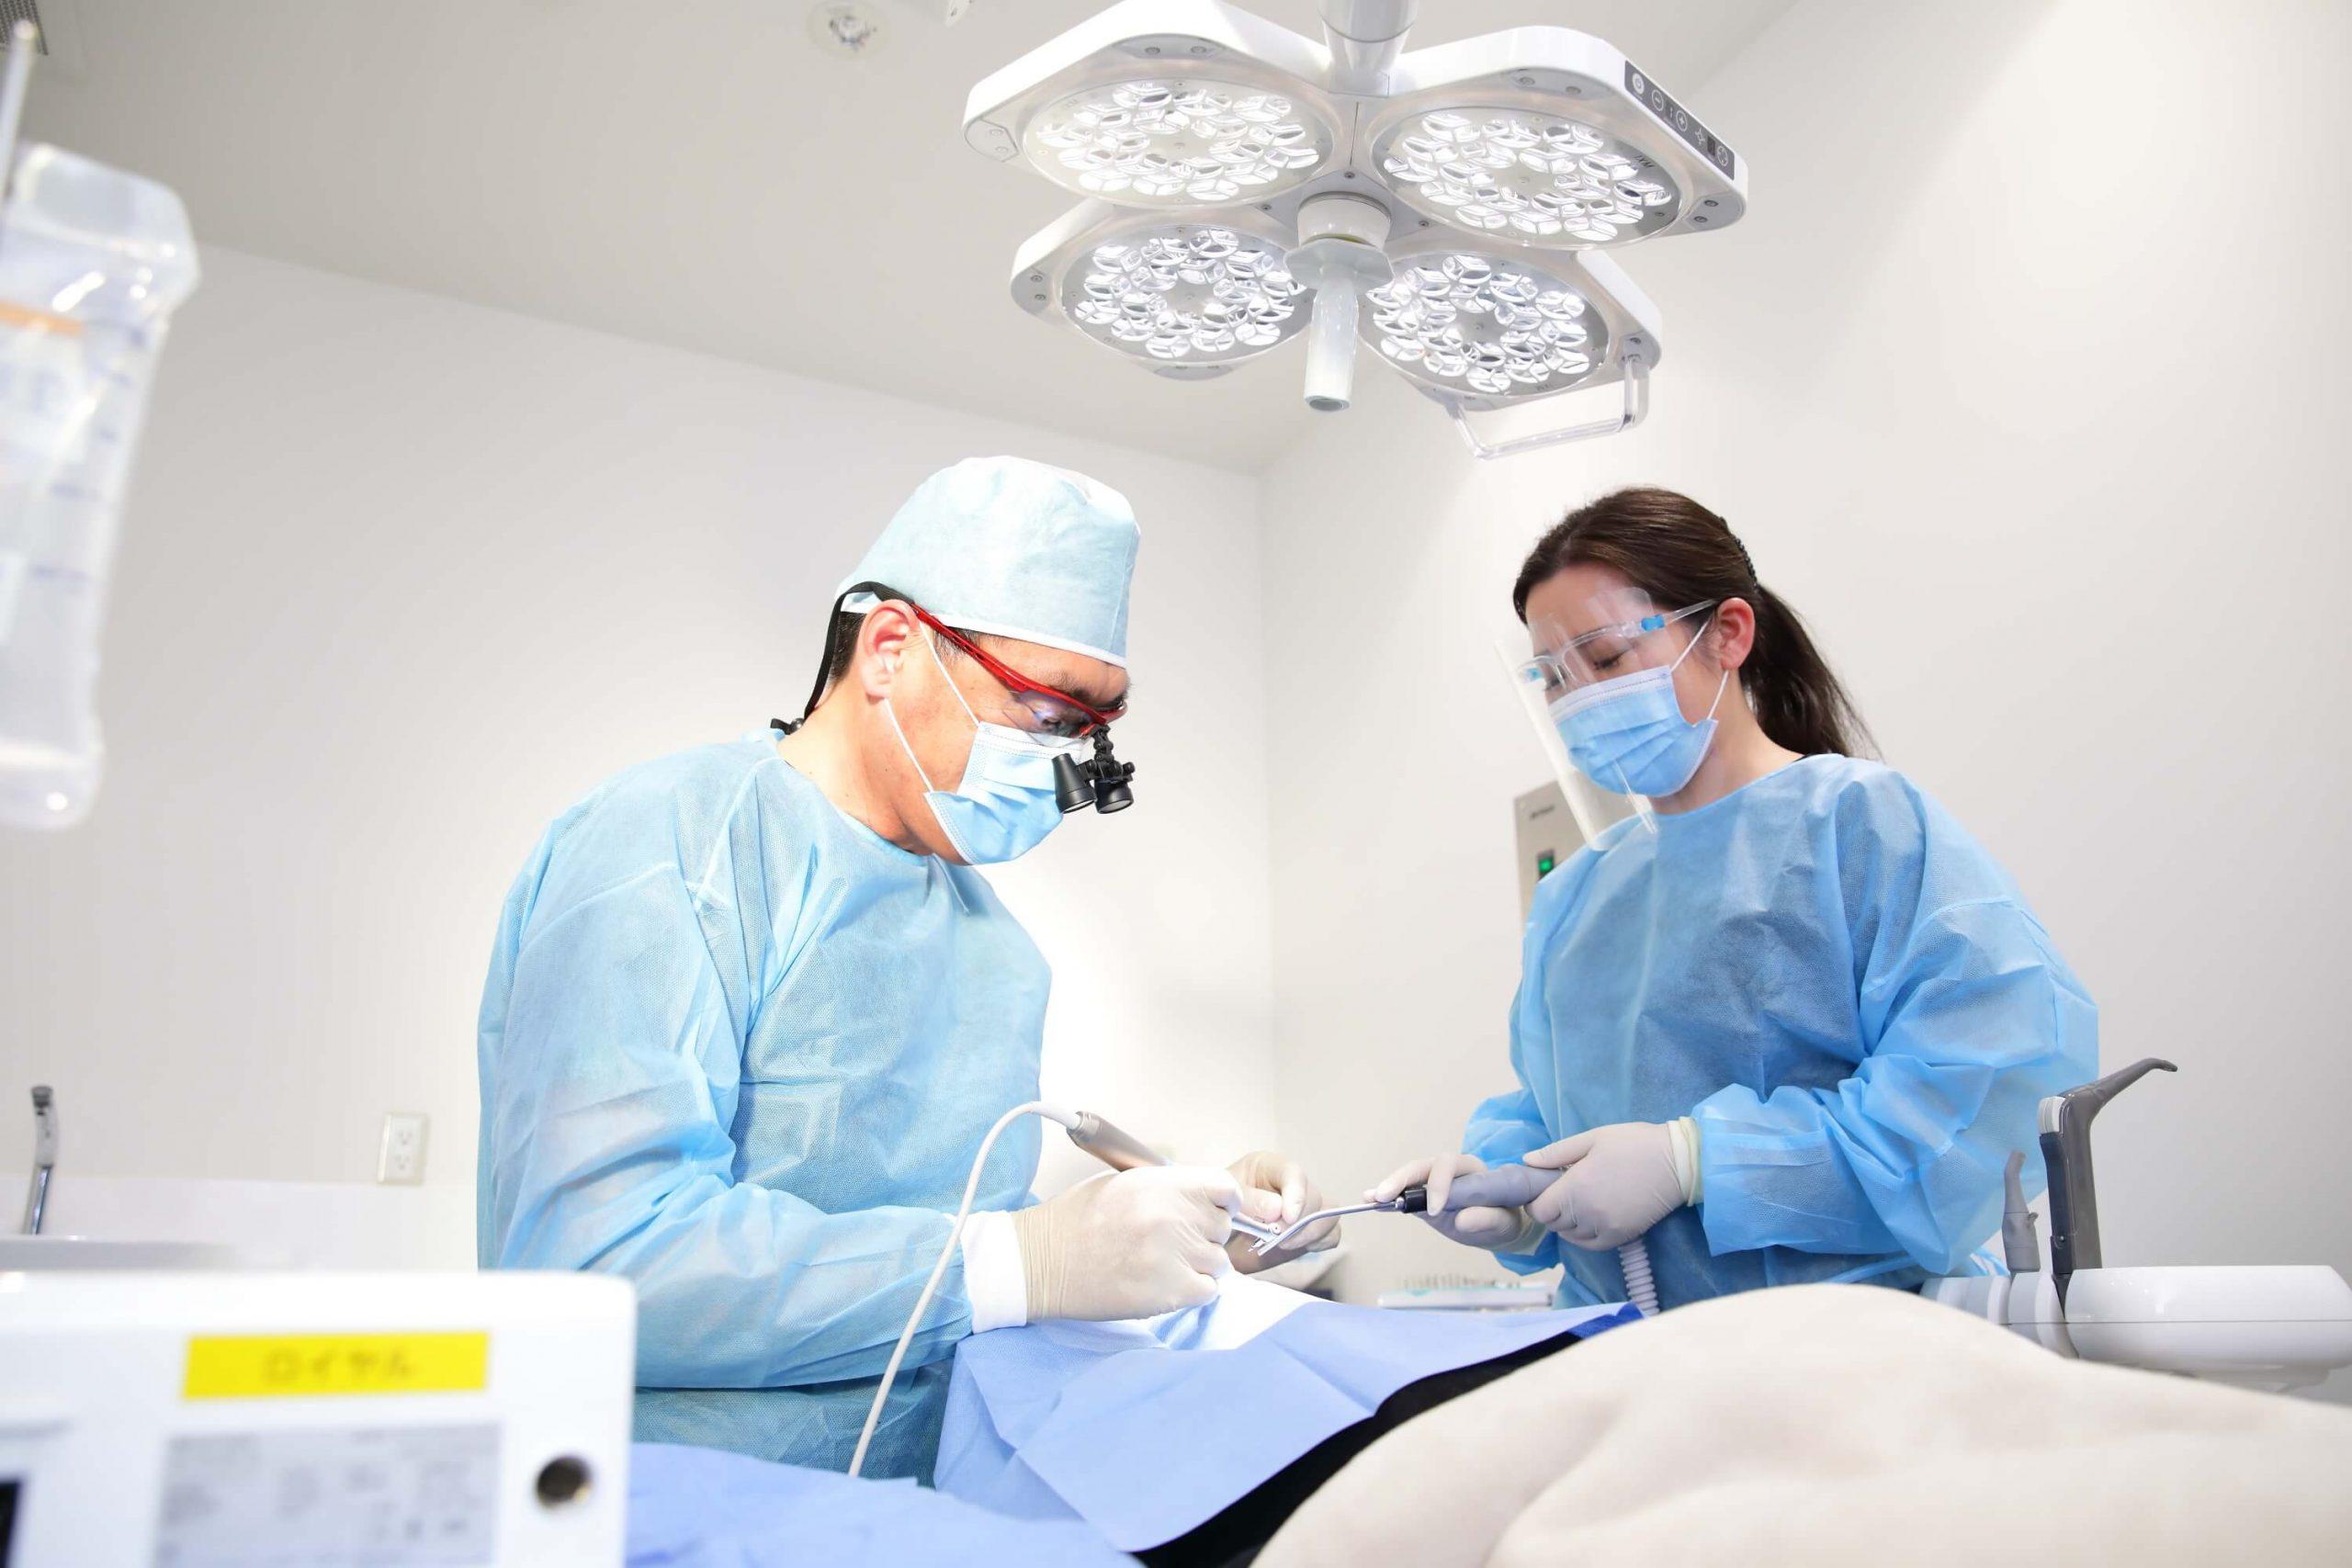 1次手術(インプラント埋込)